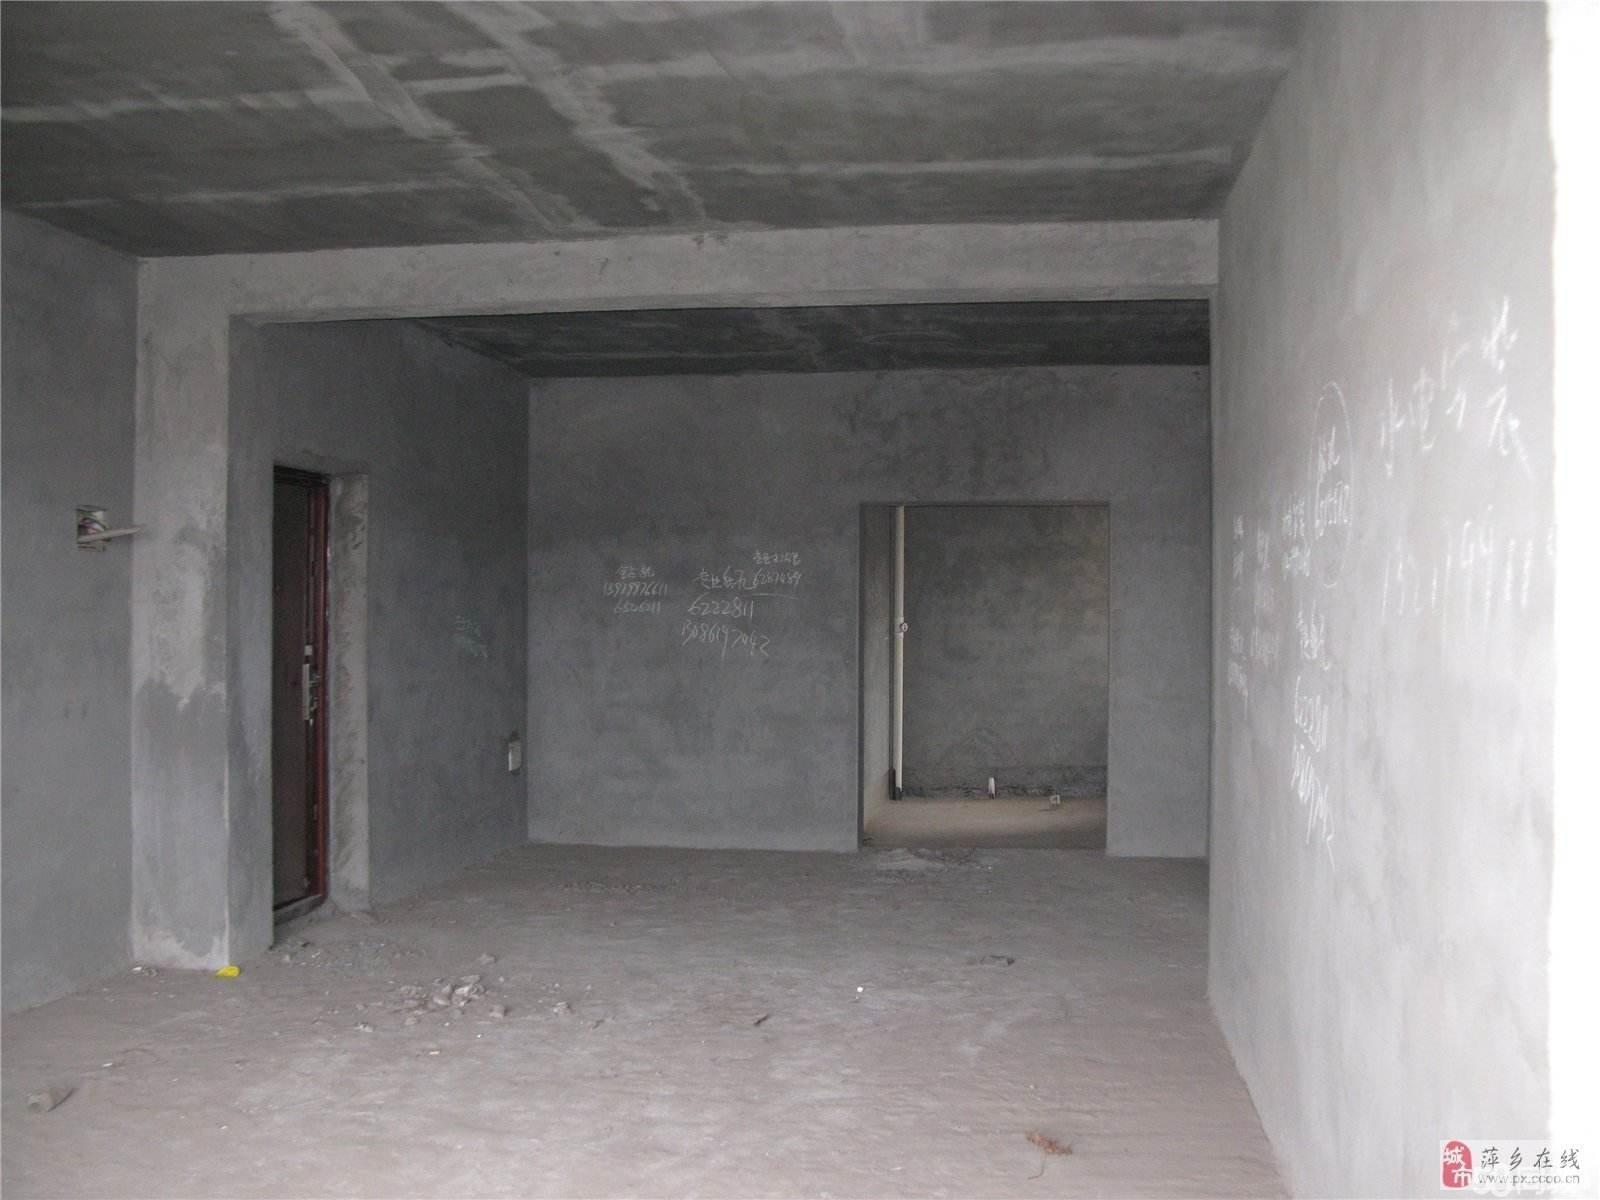 澳门网上投注官网丽景佳园4室2厅2卫140平米